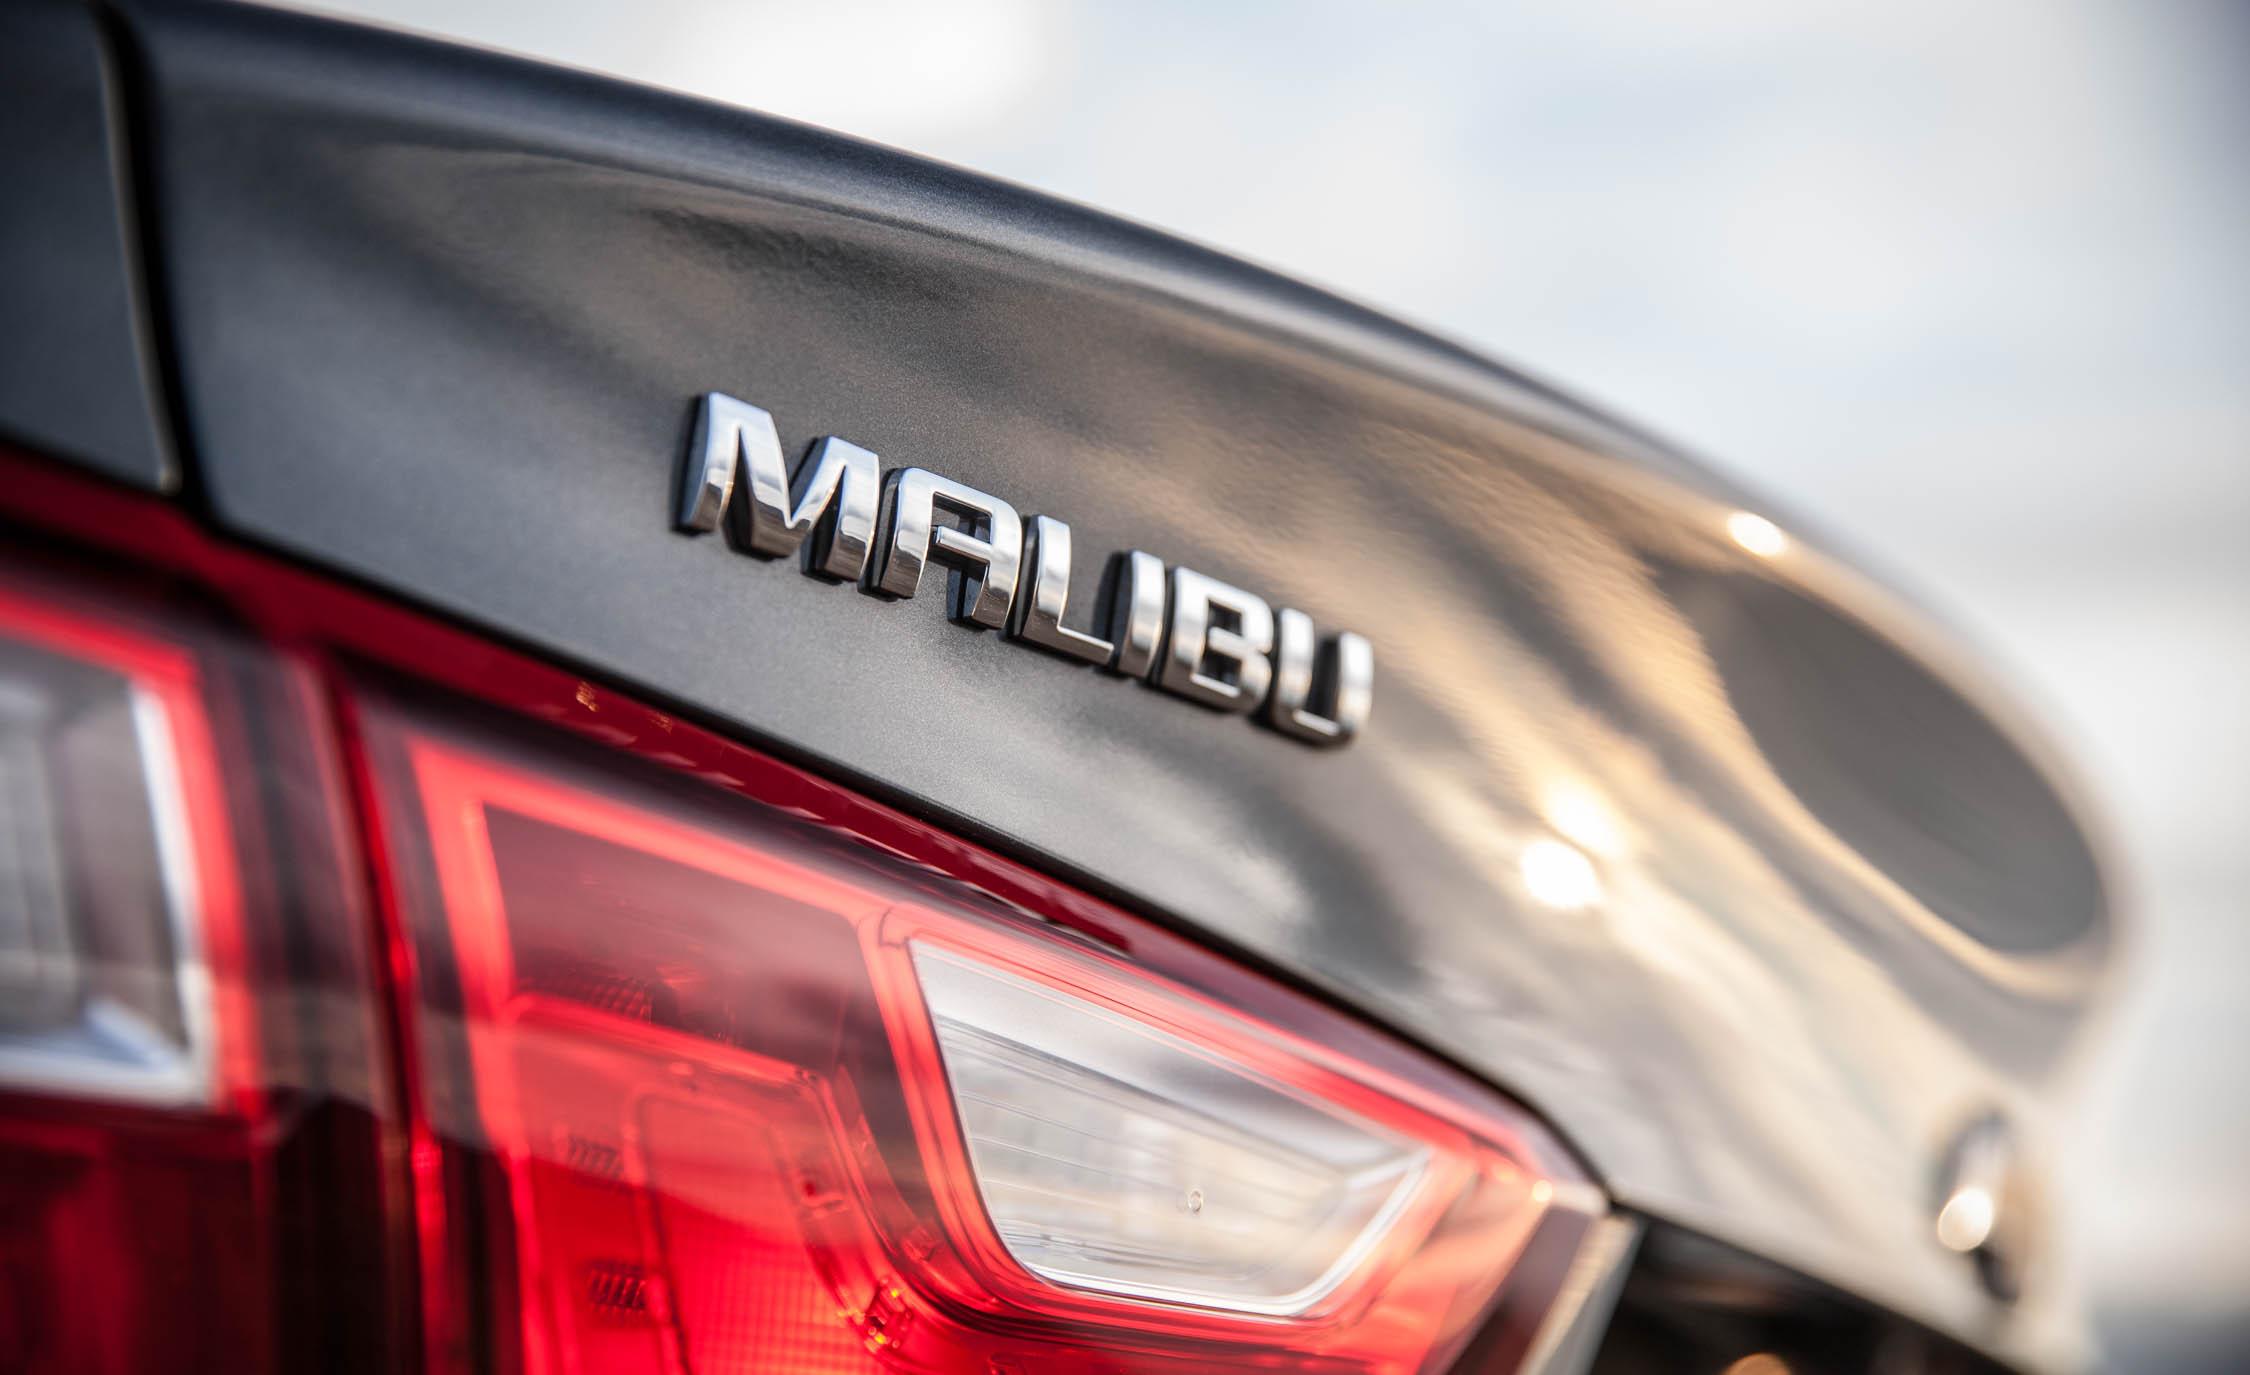 2016 Chevrolet Malibu LT Exterior Emblem Rear